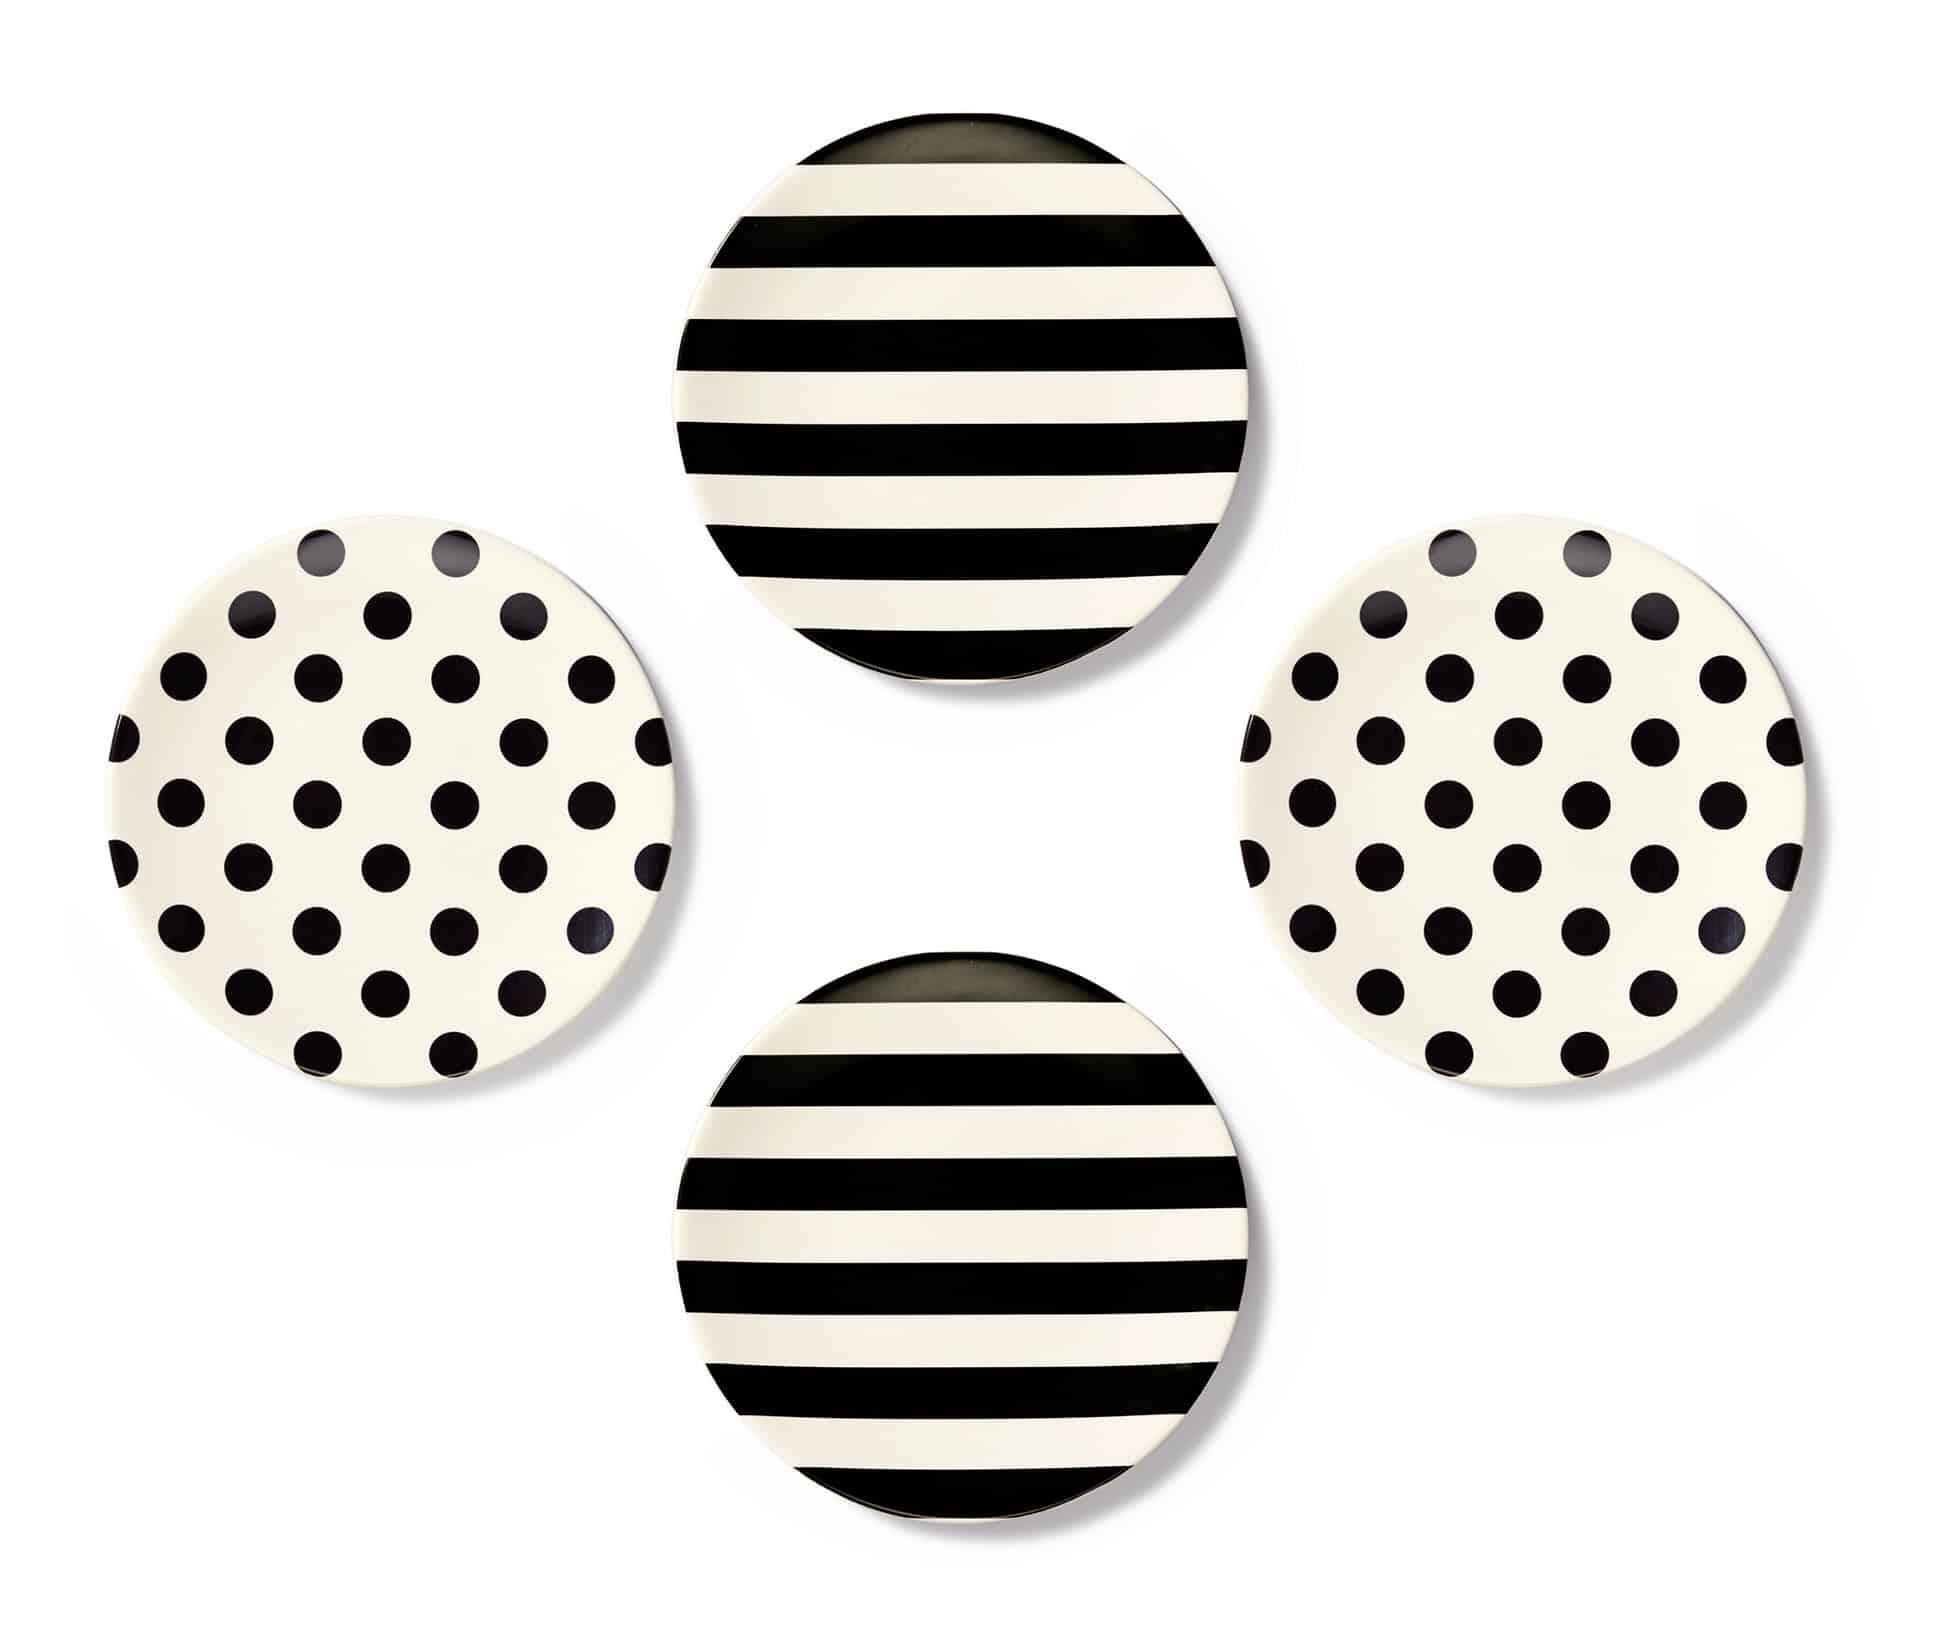 Kate-Spade-Tid-bits-Black-White-Melamine-Plates-cococozy